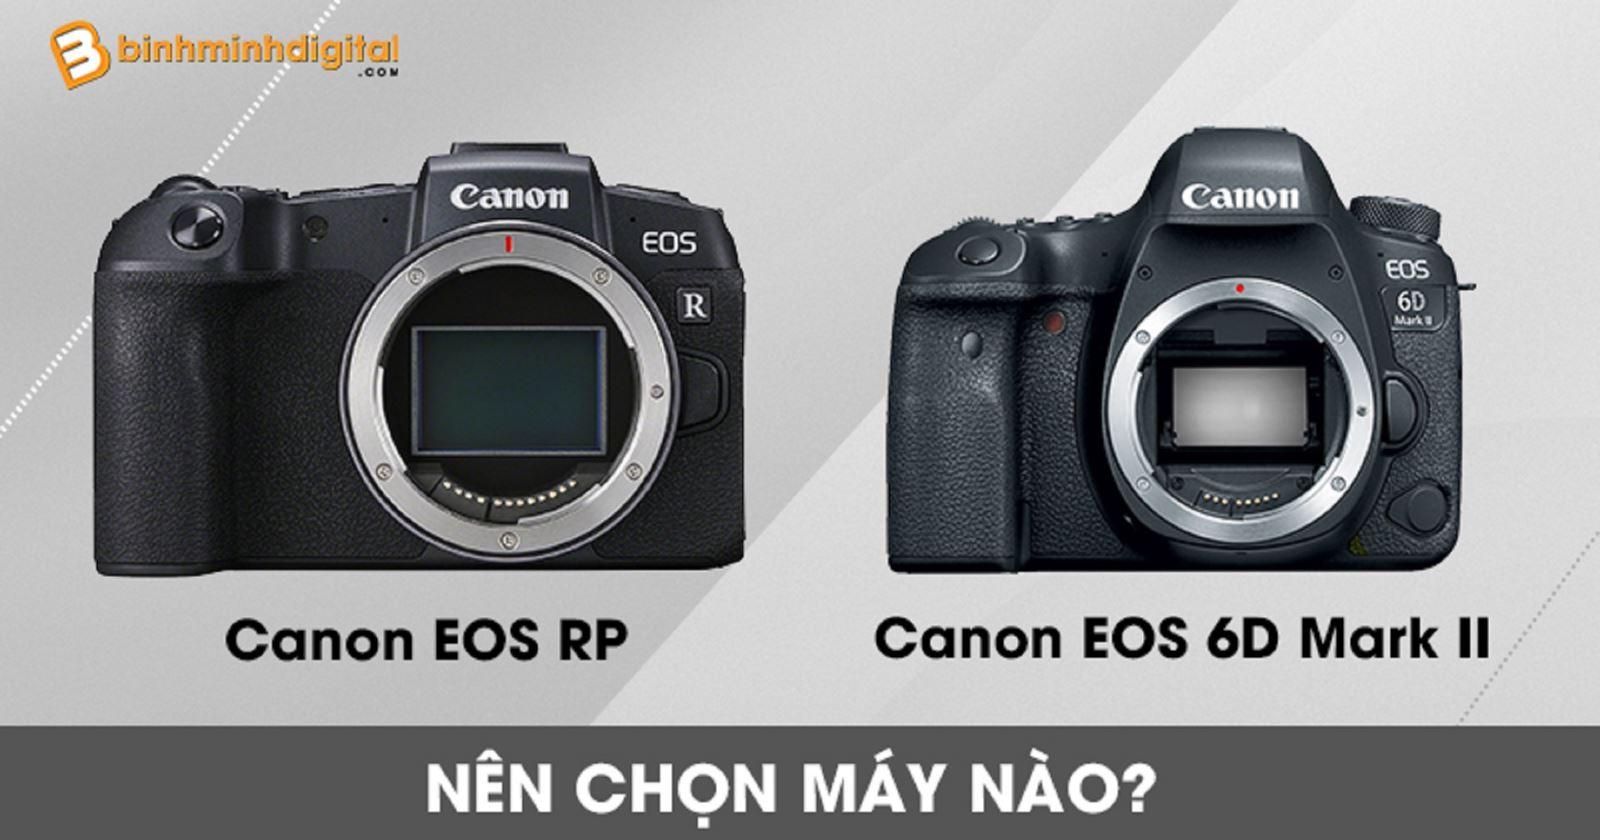 Canon EOS RPvàCanonEOS 6D MarkIInên chọn máy nào?